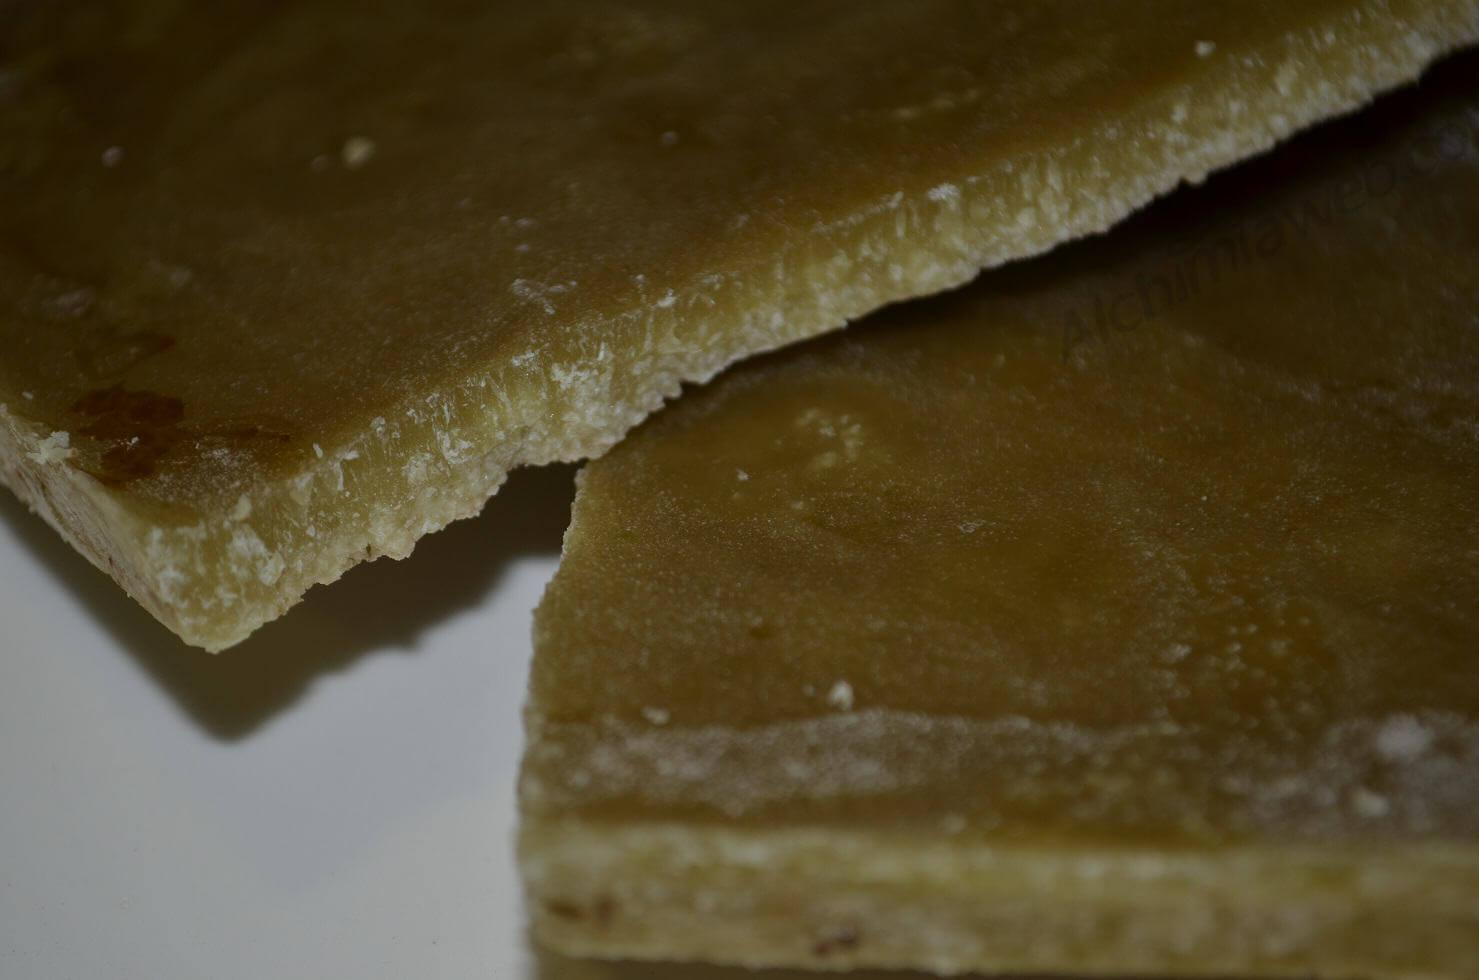 El aceite solidificado después del proceso de extracción de los cannabinoides